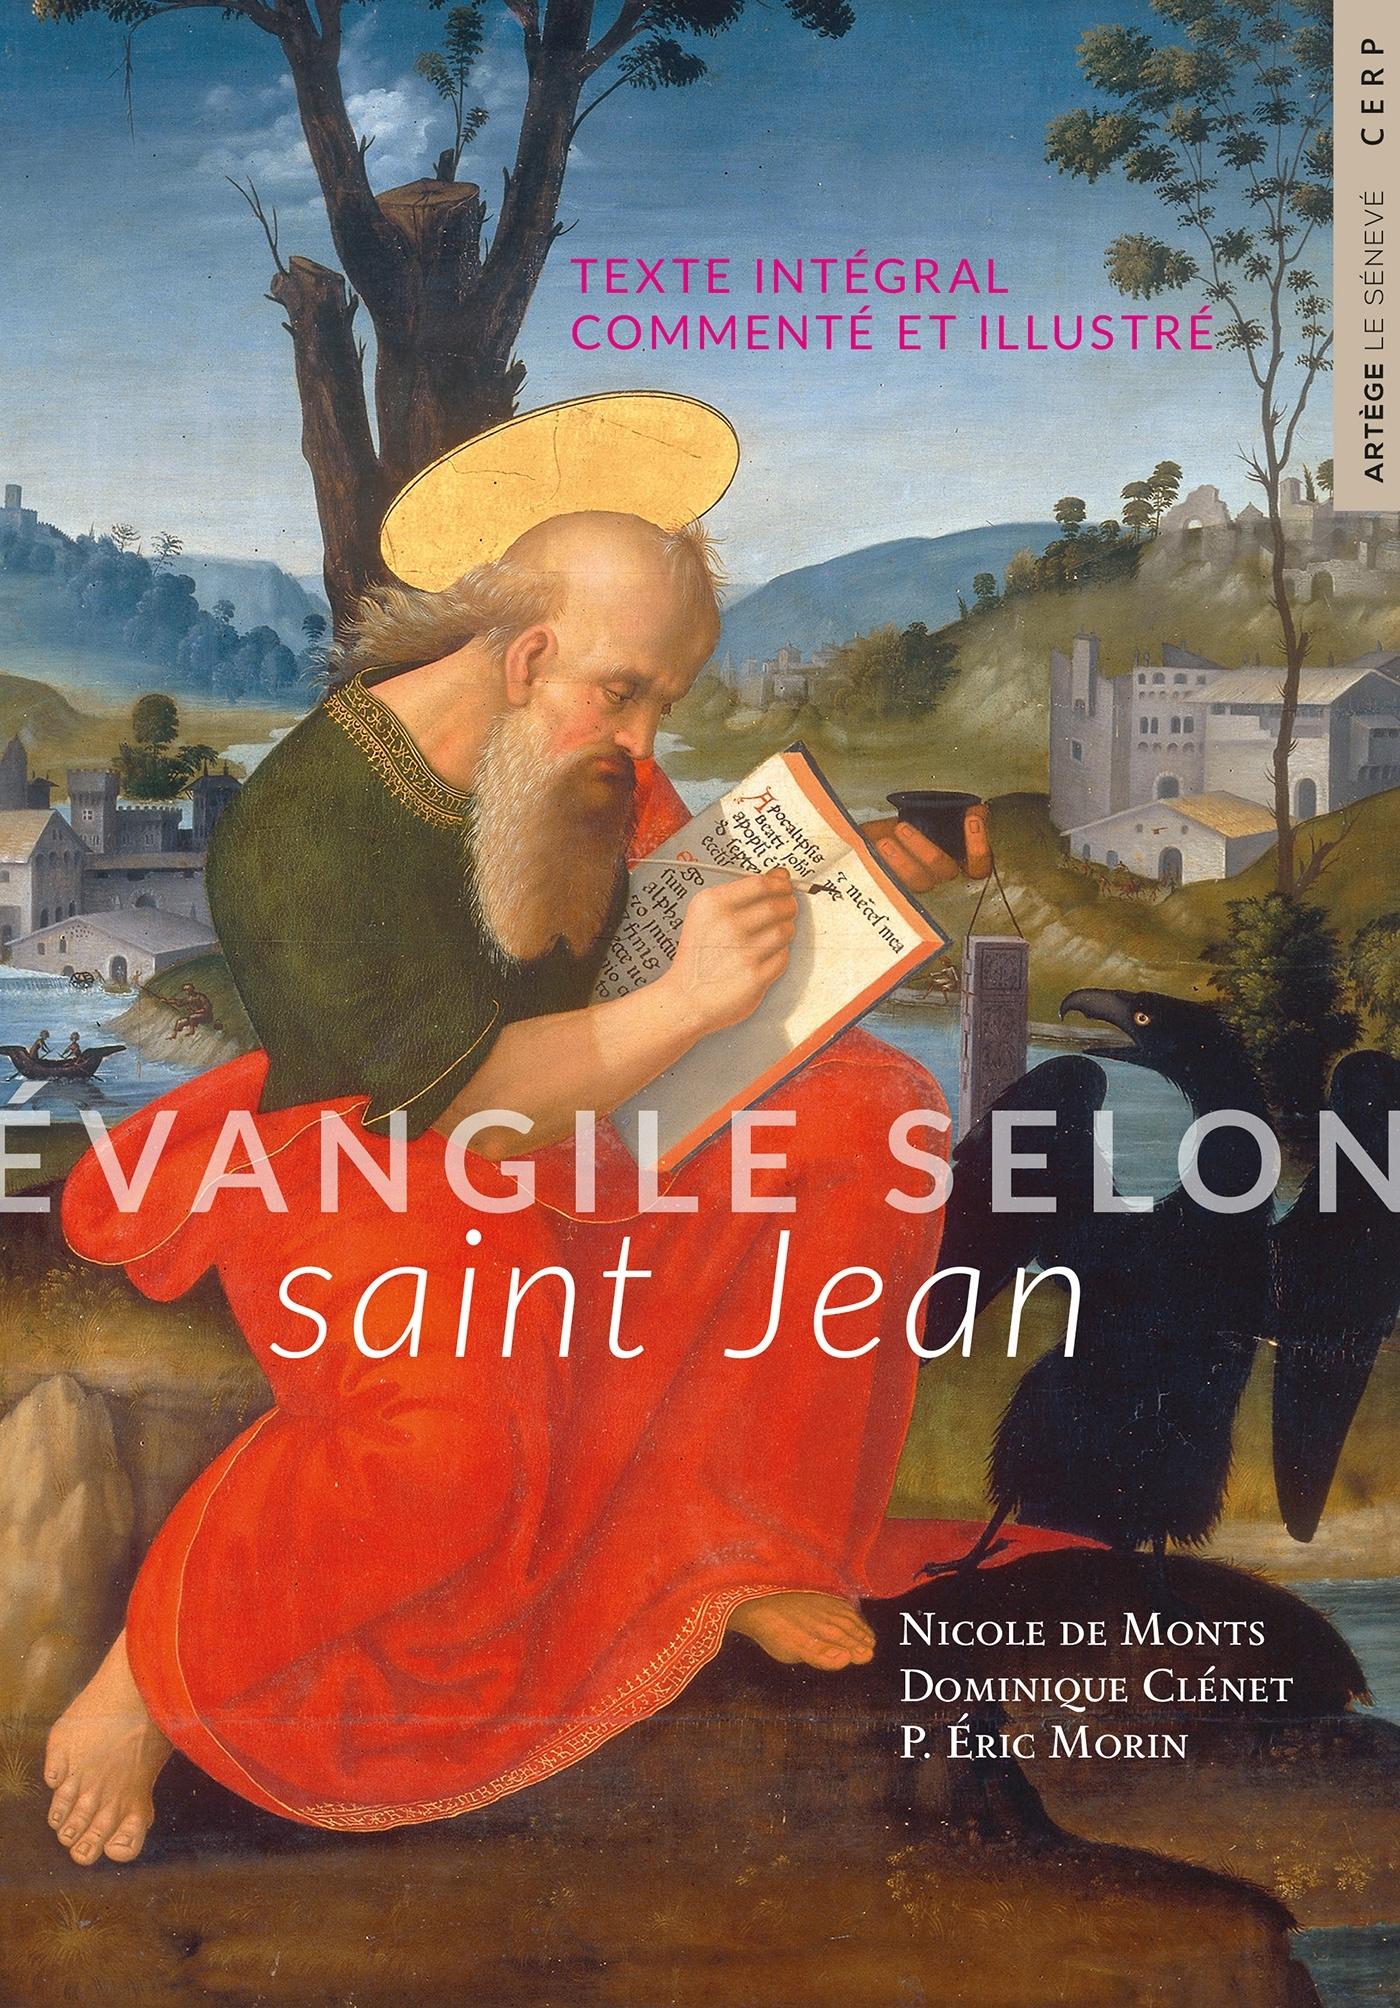 EVANGILE SELON SAINT JEAN - TEXTE INTEGRAL COMMENTE ET ILLUSTRE